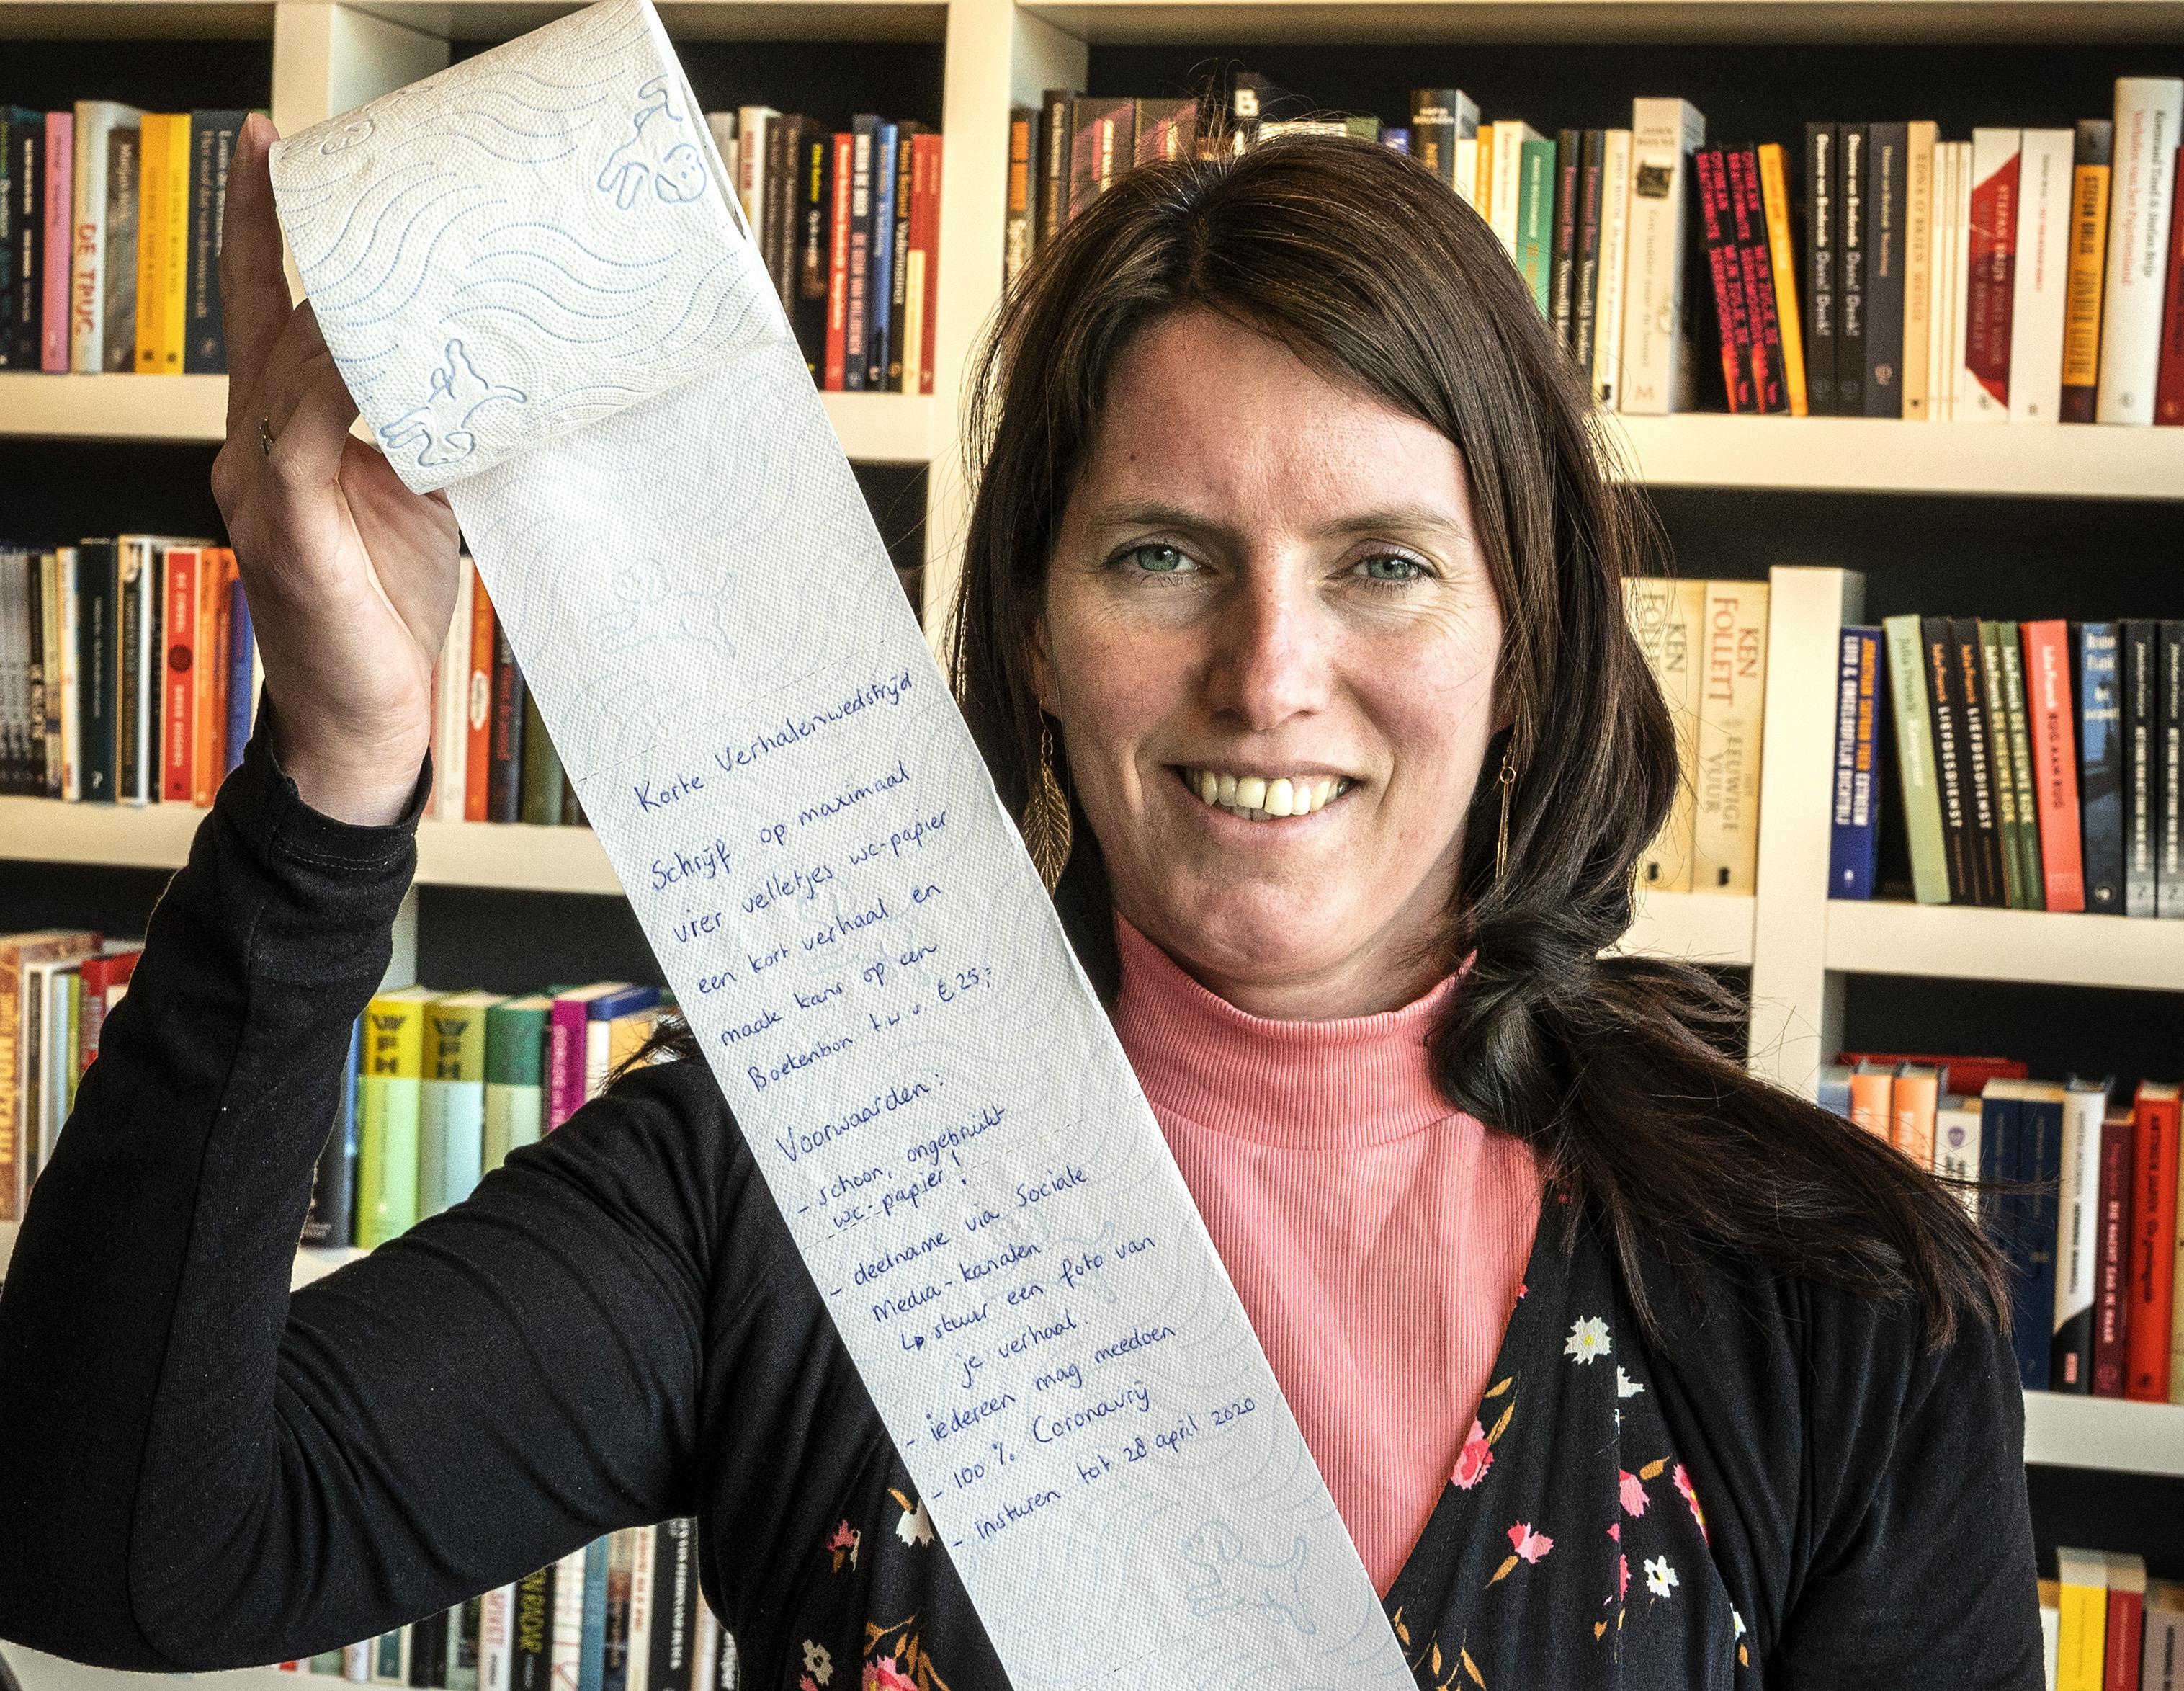 Boekhandel Stevens in Hoofddorp speelt in op hamsterwoede aan begin coronacrisis en schrijft verhalenwedstrijd op wc-papier uit